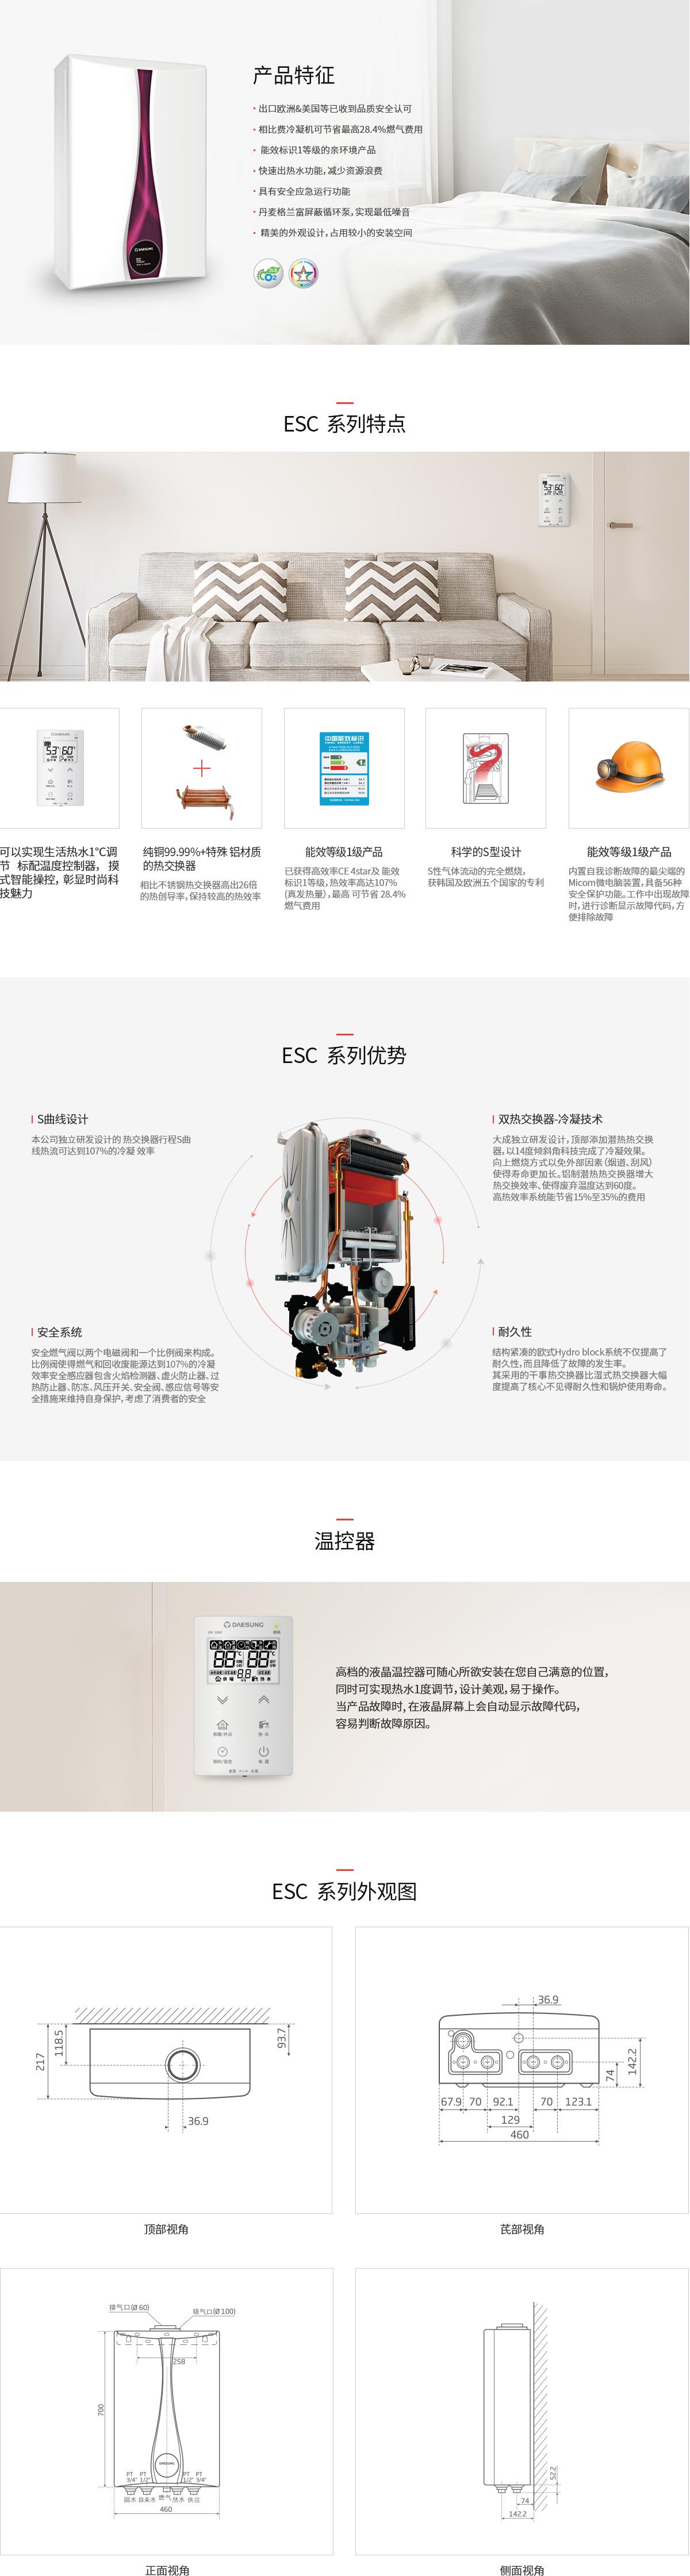 ESC_detail.jpg